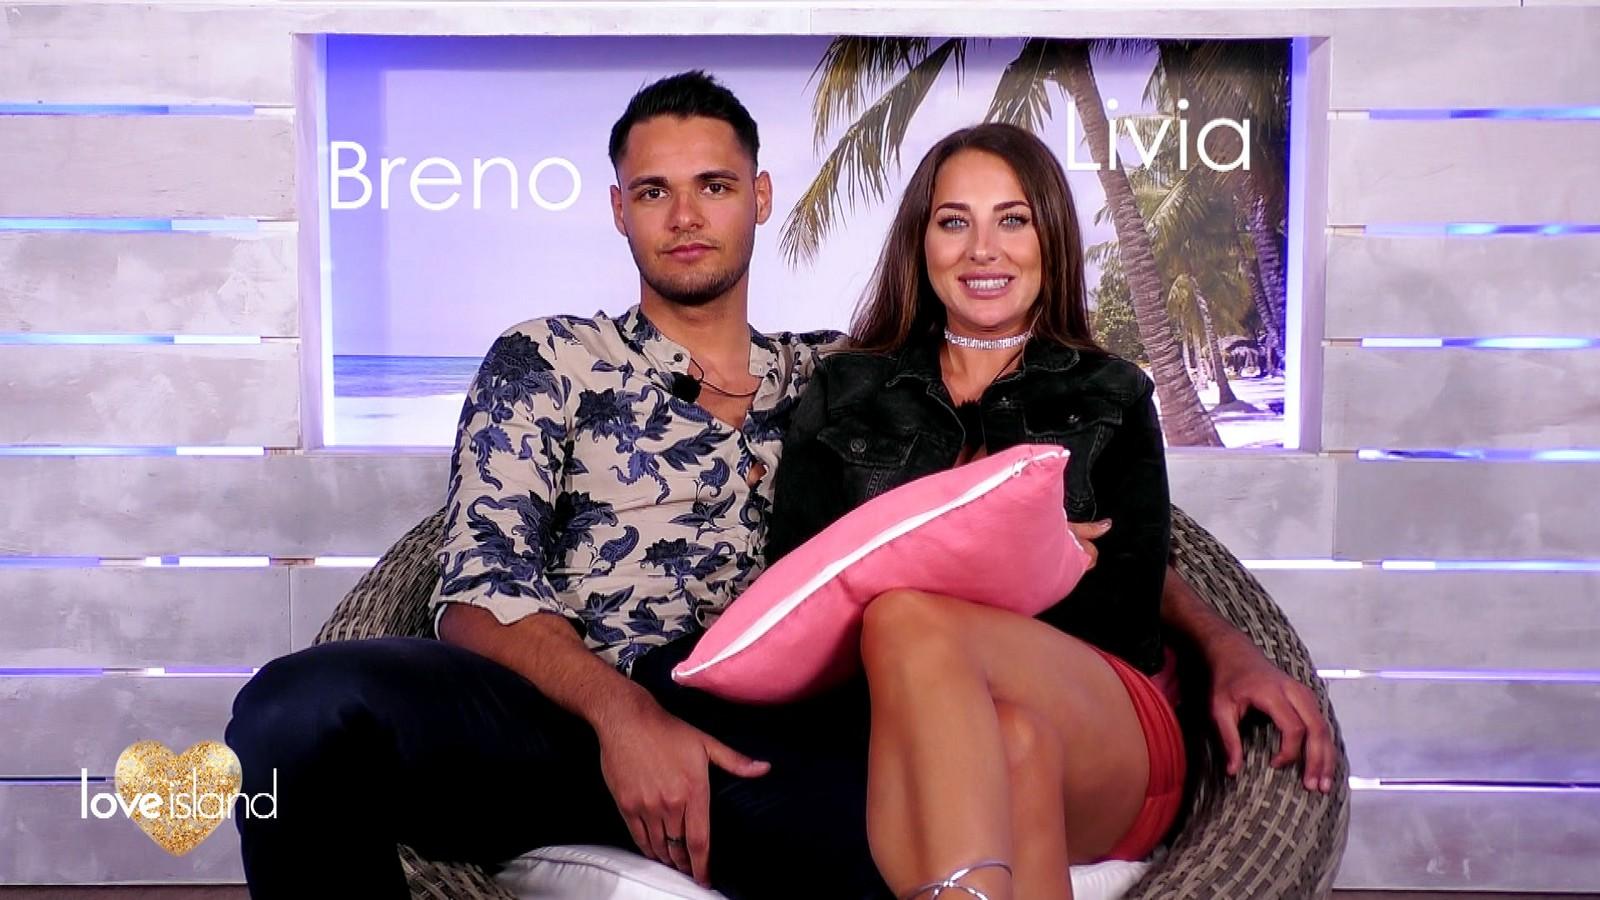 Breno und Livia bei